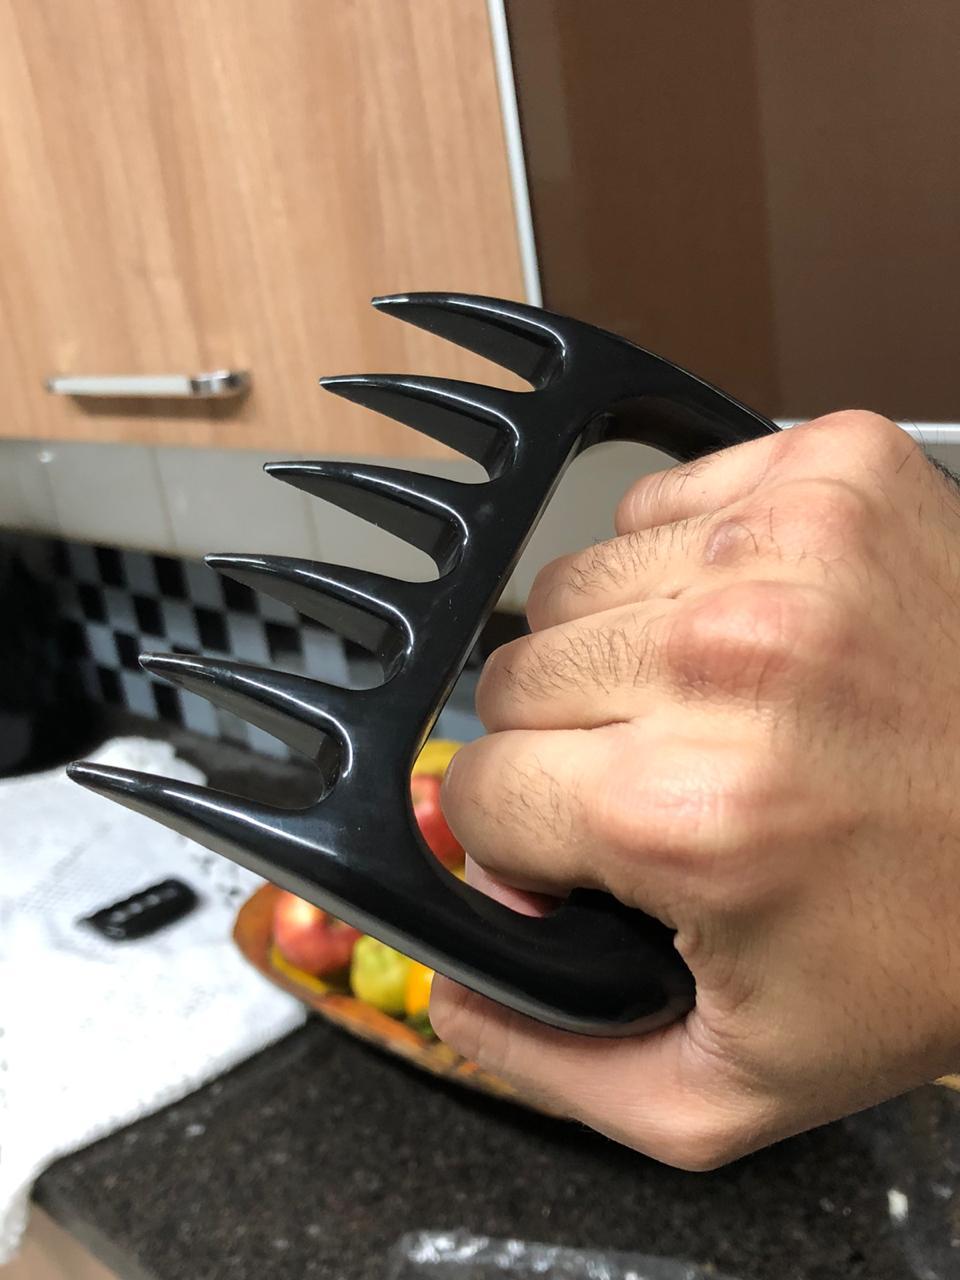 Jogo Garra De Urso Churrasco Reforçado Atóxica desfiar carne Cozinha preta